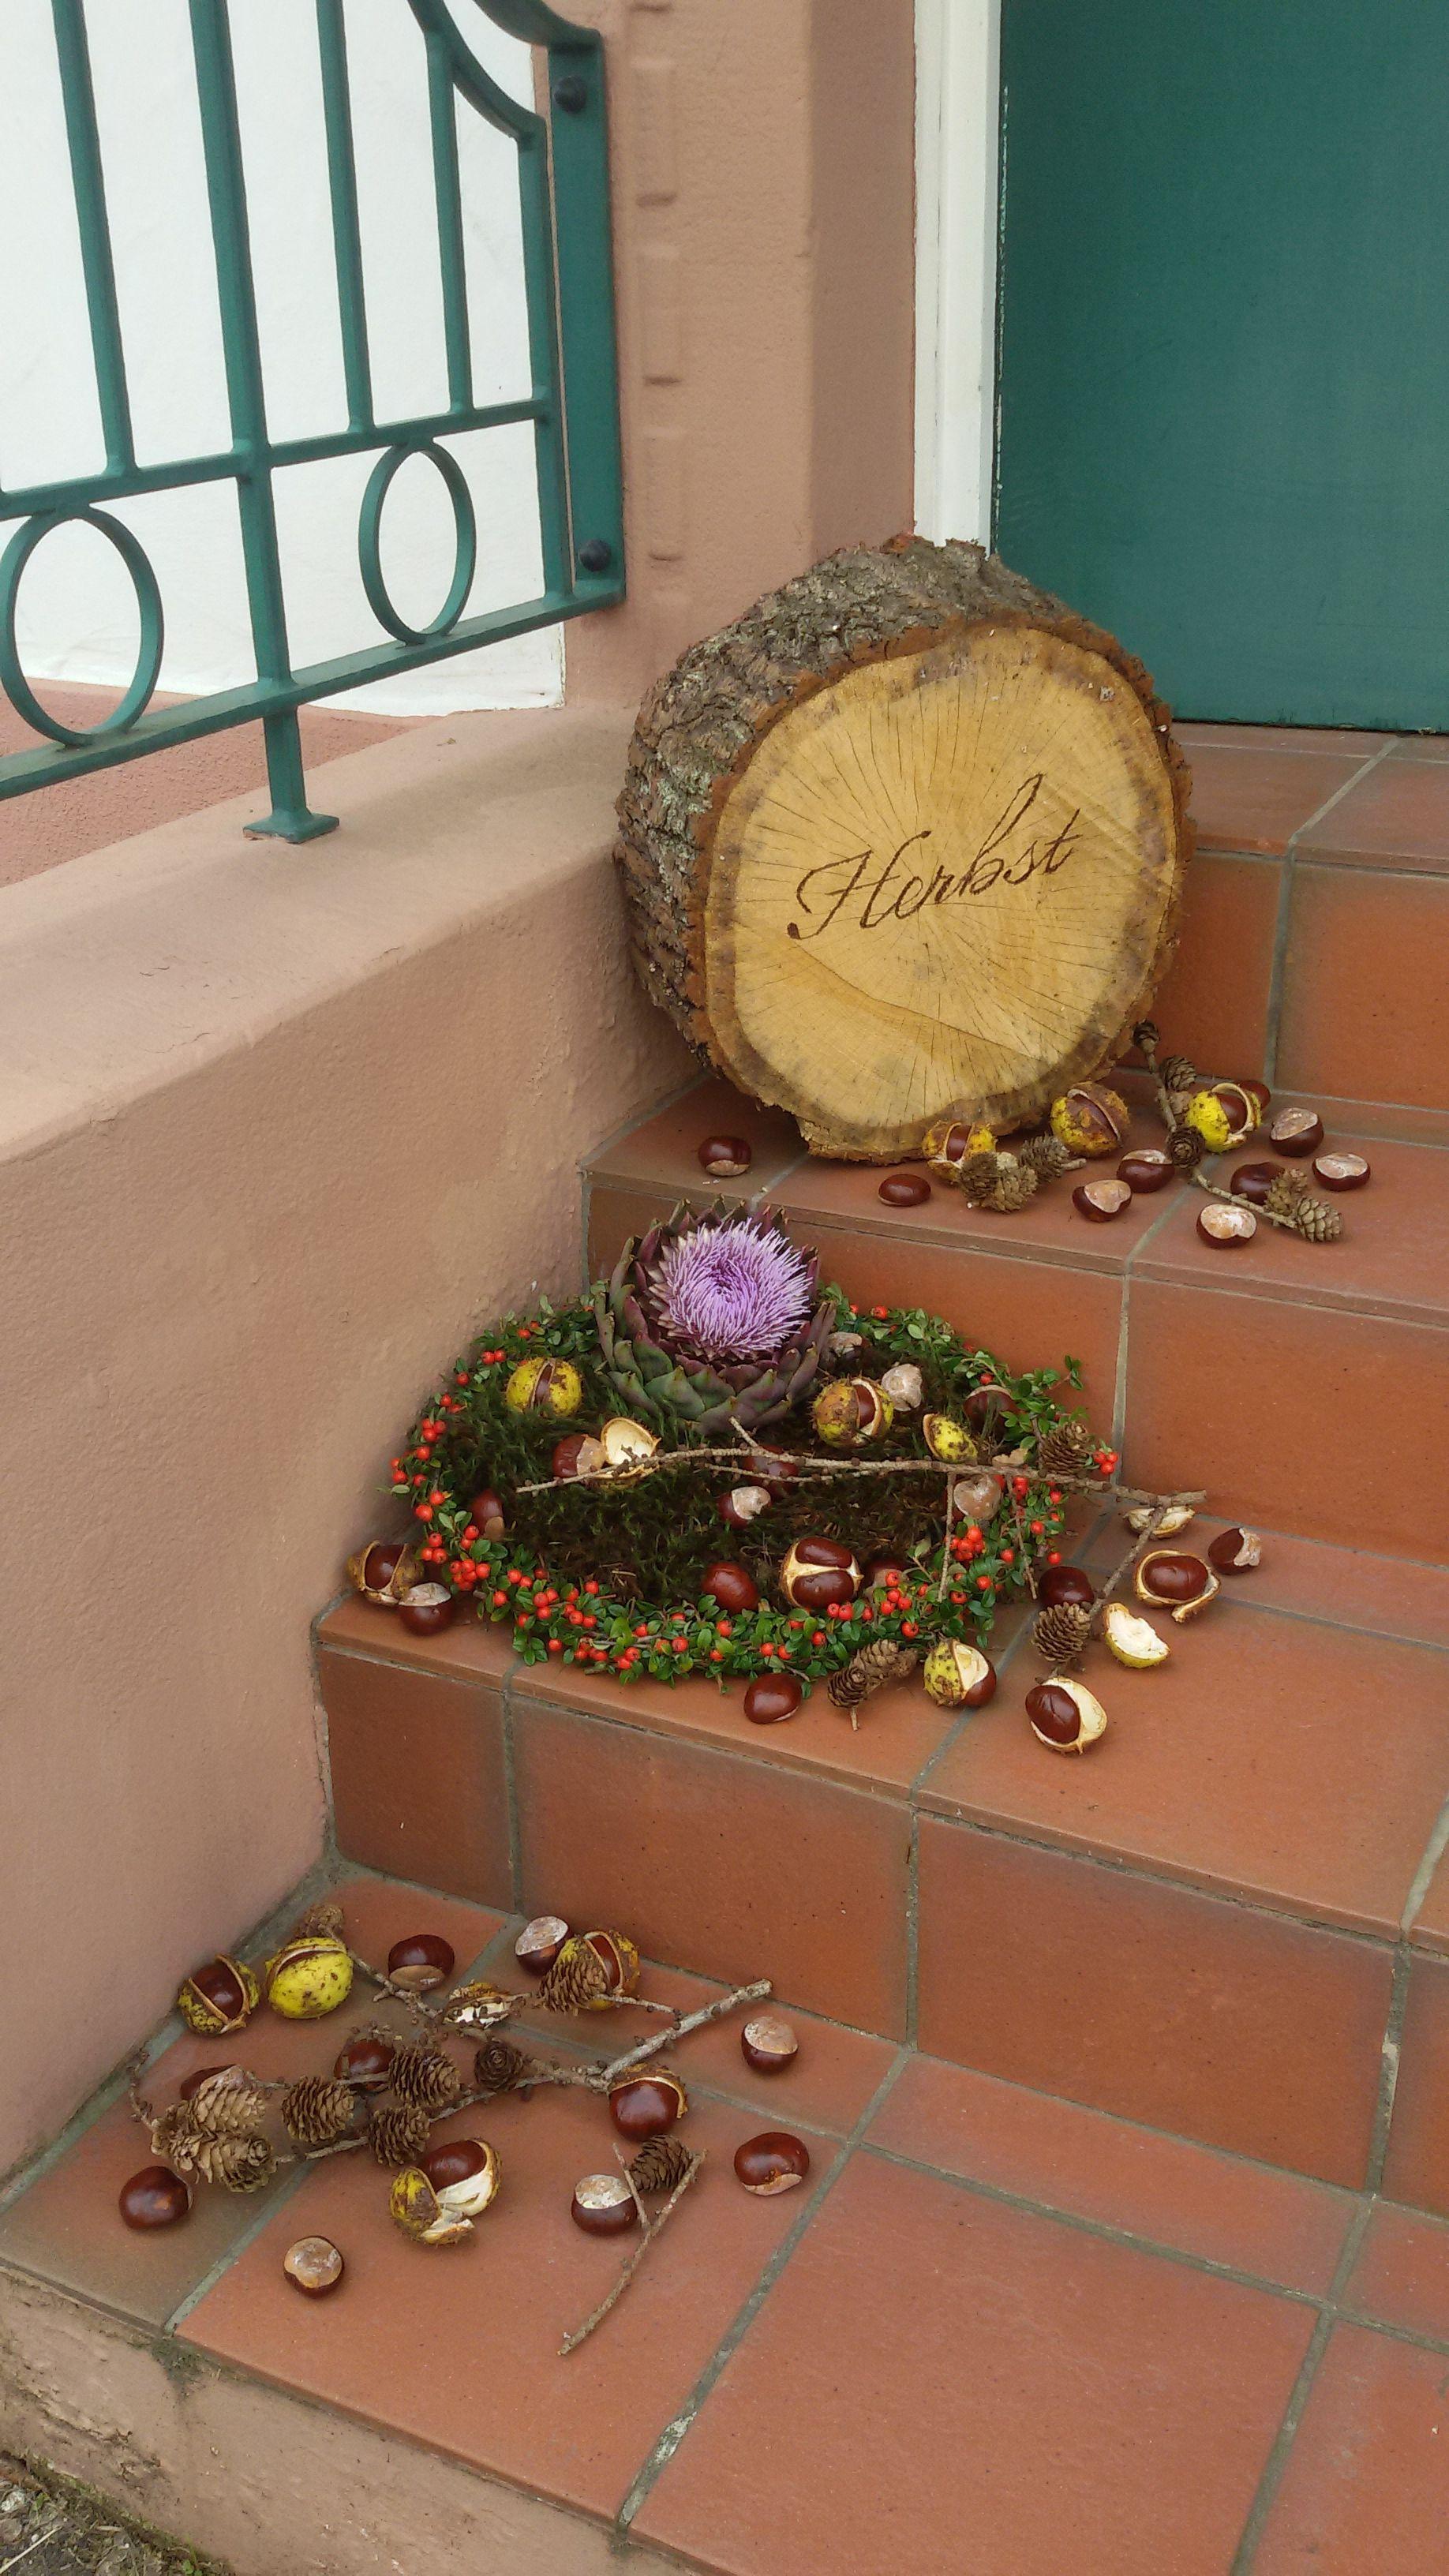 Holzscheiben Garten Brandmalkolben Herbst Deko Haus Dekoration Shop Holz Haus Dekoration Dekoration Prom Dekoration Prov In 2020 Advent Diy Floral Wreath Home Decor